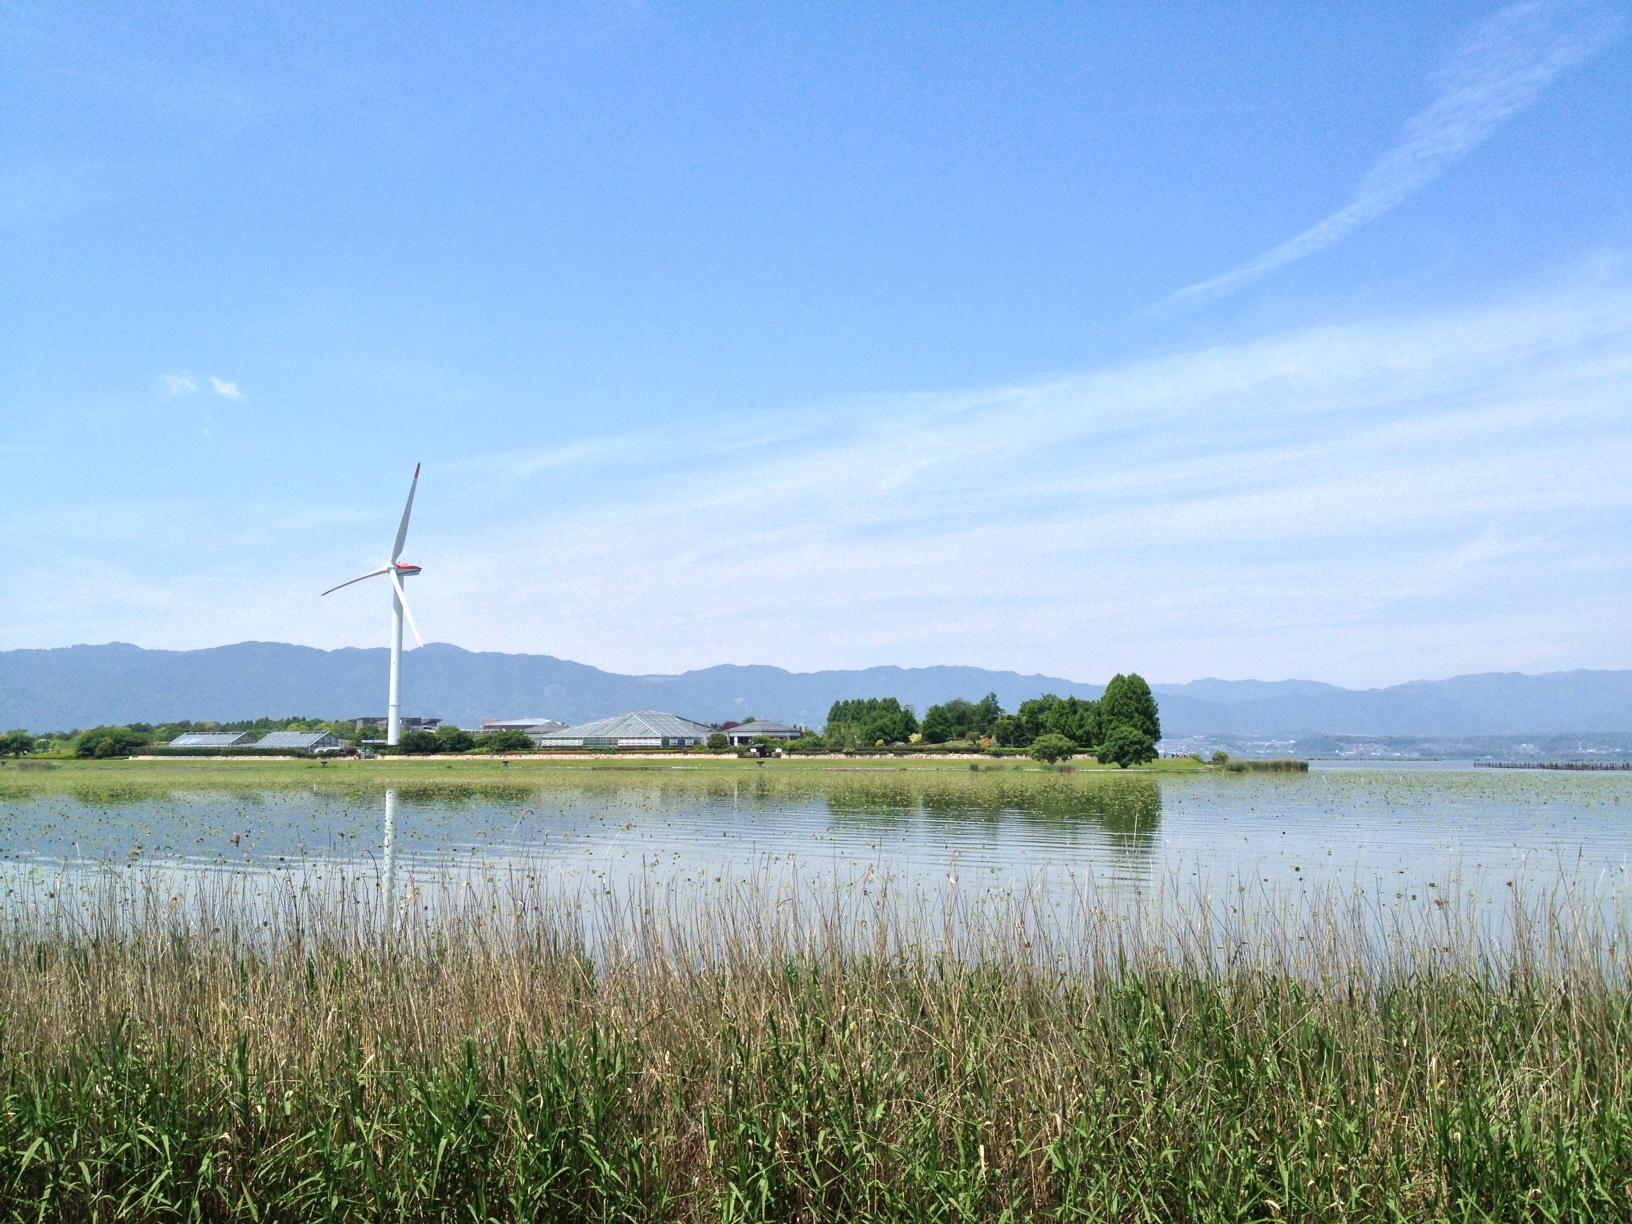 烏丸半島の風車02